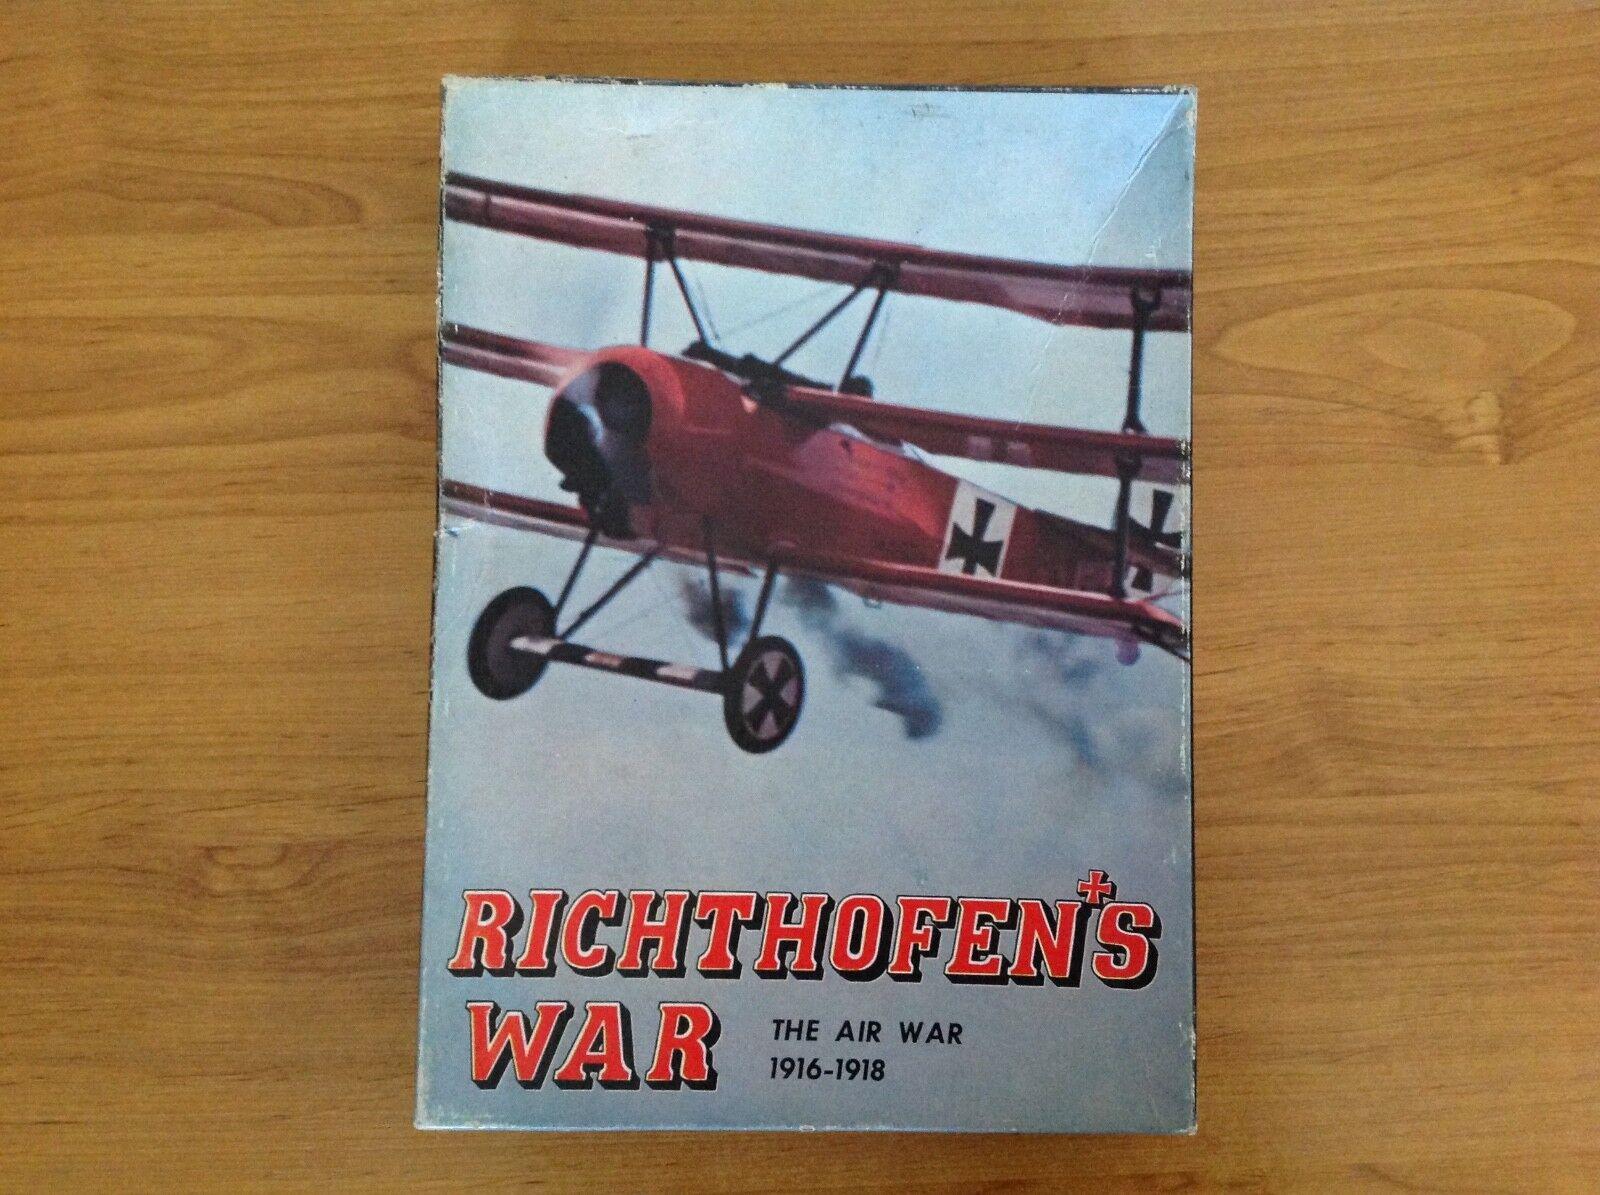 Die luft richthofens krieg krieg 1916-1918 brettspiel avalon hill spiel firma 1972